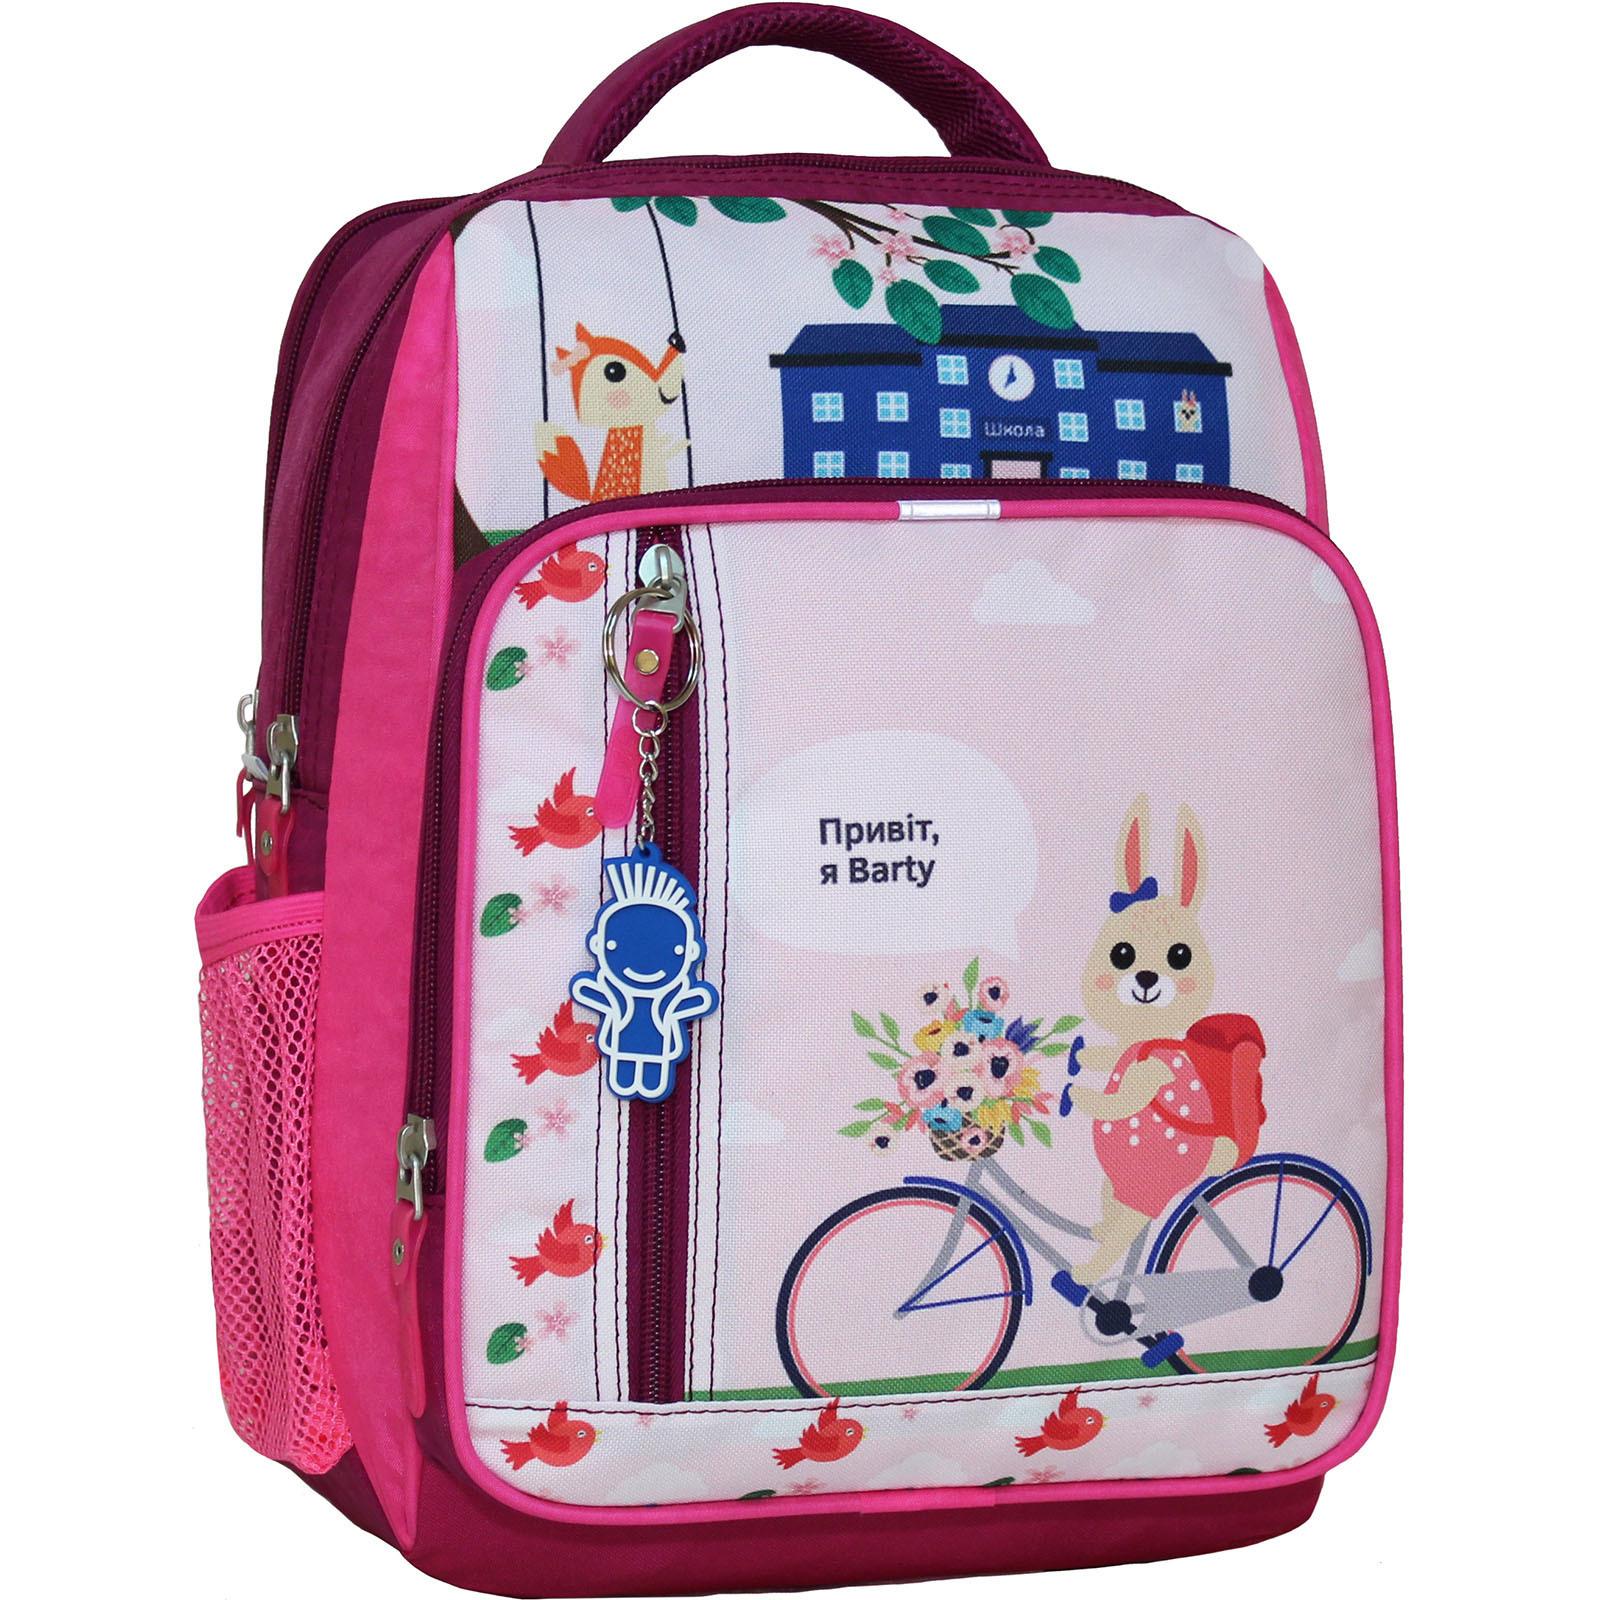 Школьные рюкзаки Рюкзак школьный Bagland Школьник 8 л. малиновый 430 (0012870) IMG_6518_430_.JPG